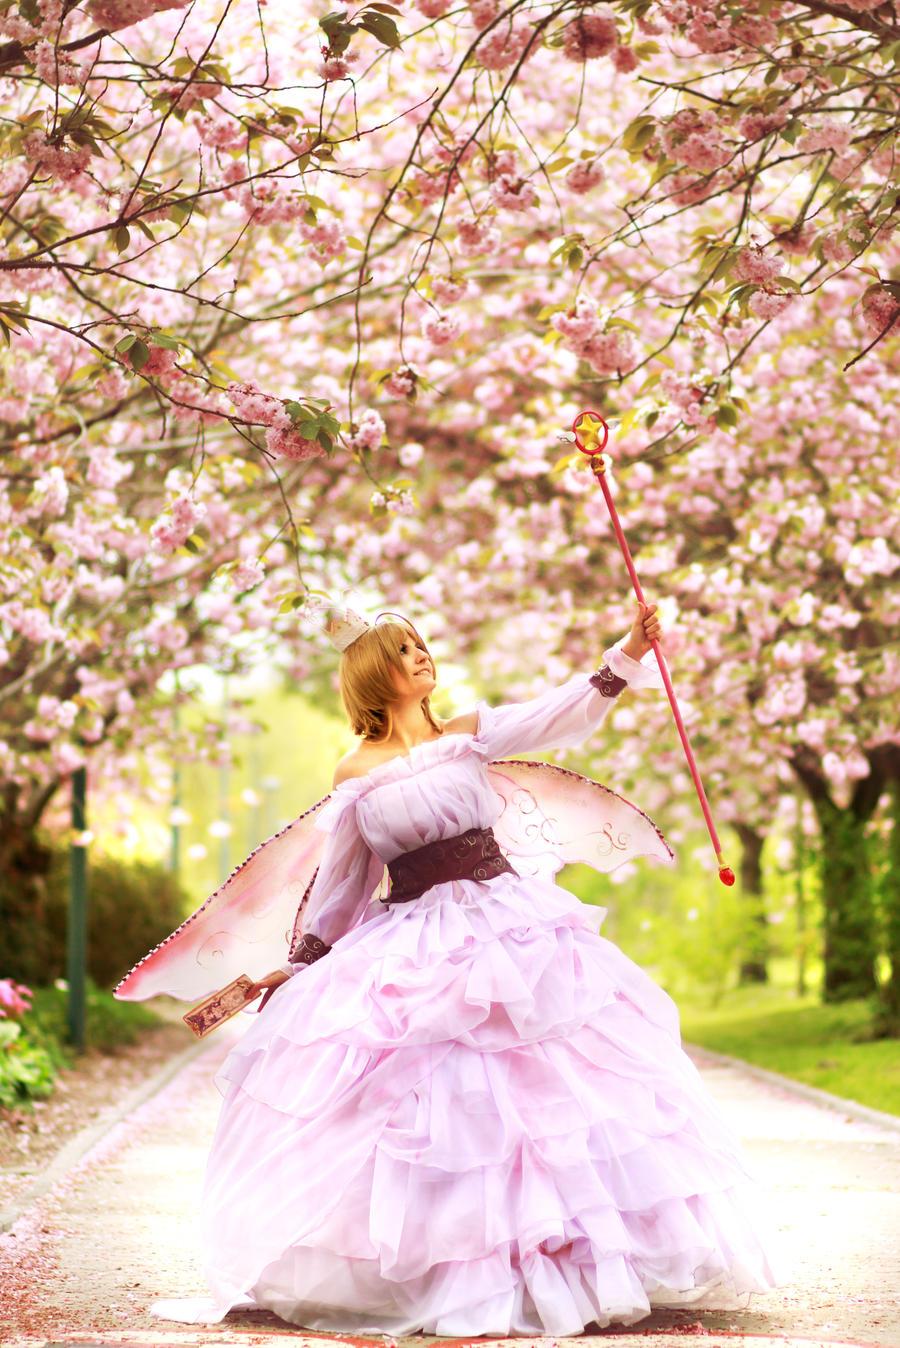 CCS: Sakura 31 by Amapolchen